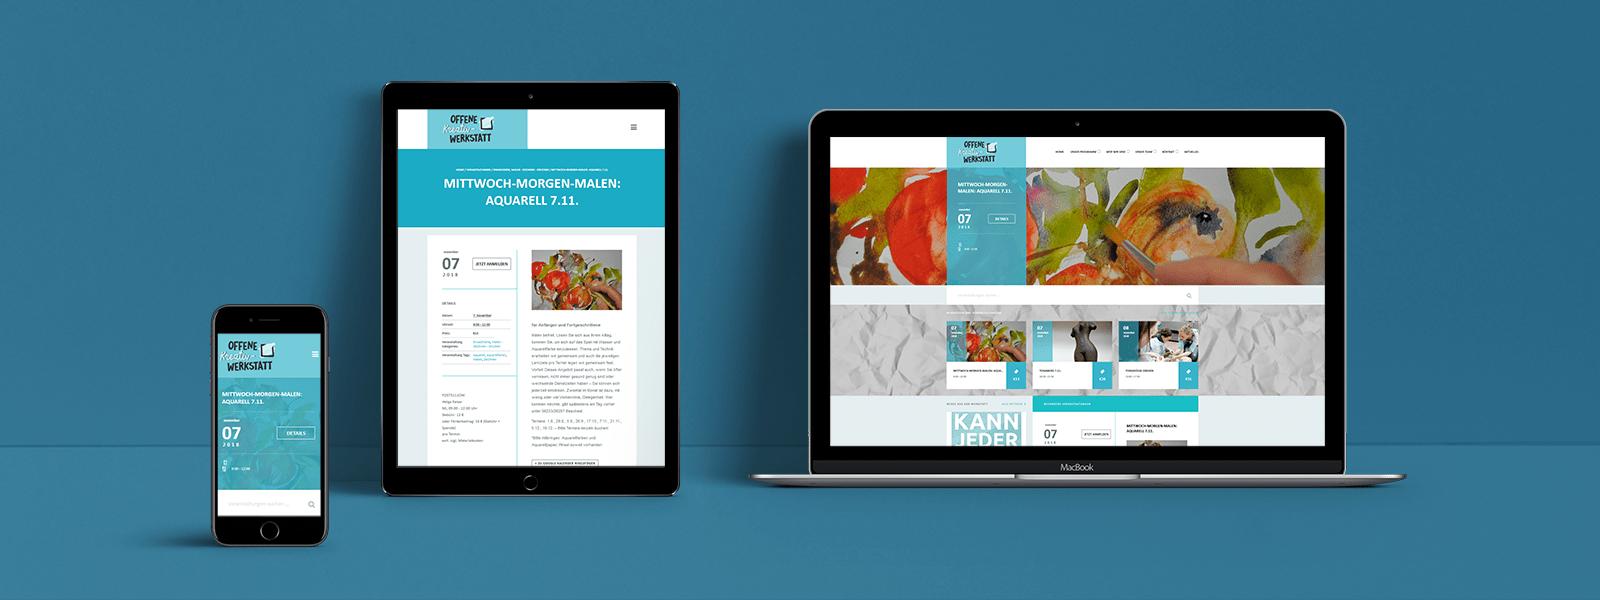 Gestaltung der Webseite für die Offene Kreativ-Werkstatt in Bad Dürkheim